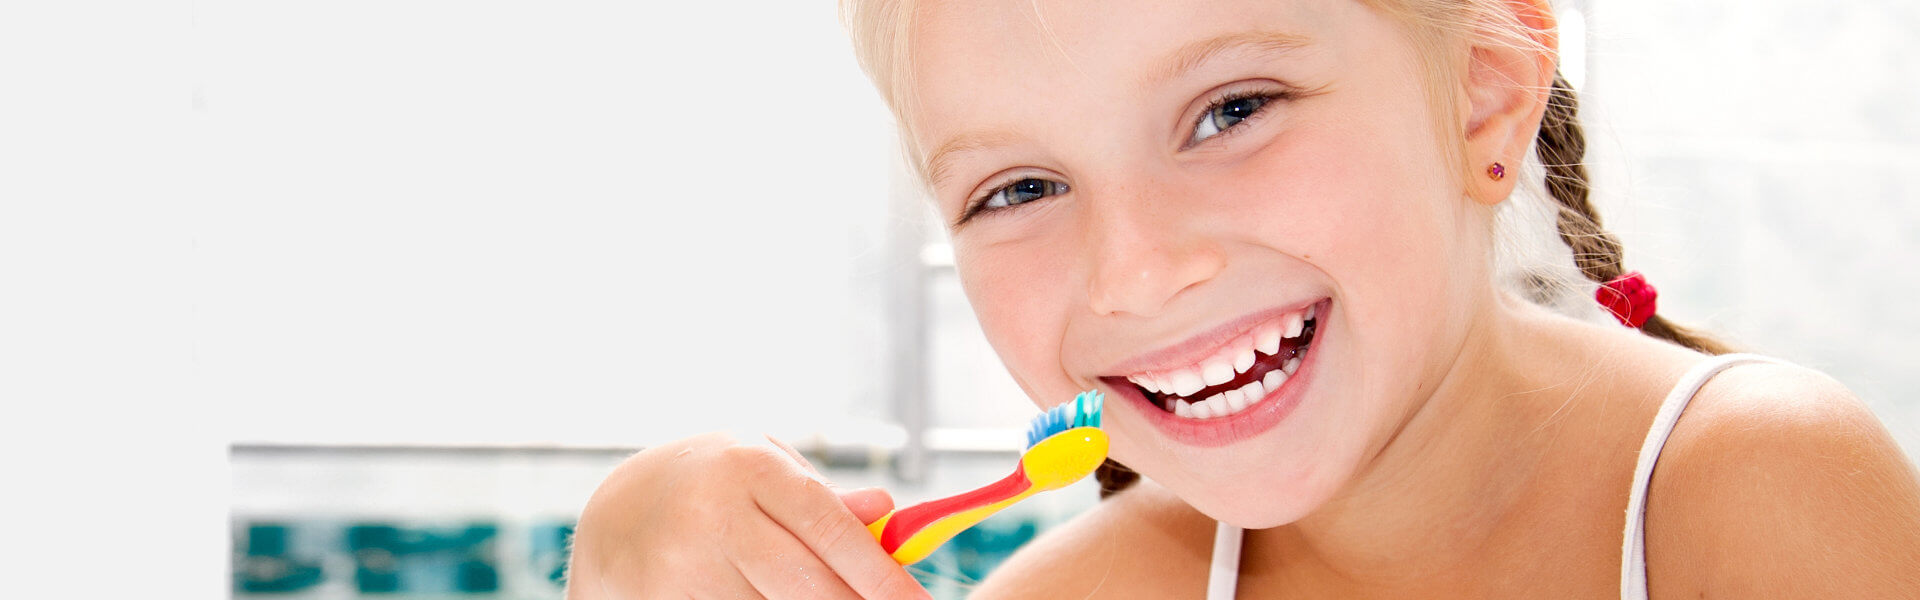 profilaktyka próchnicy, leczenie próchnicy u dzieci